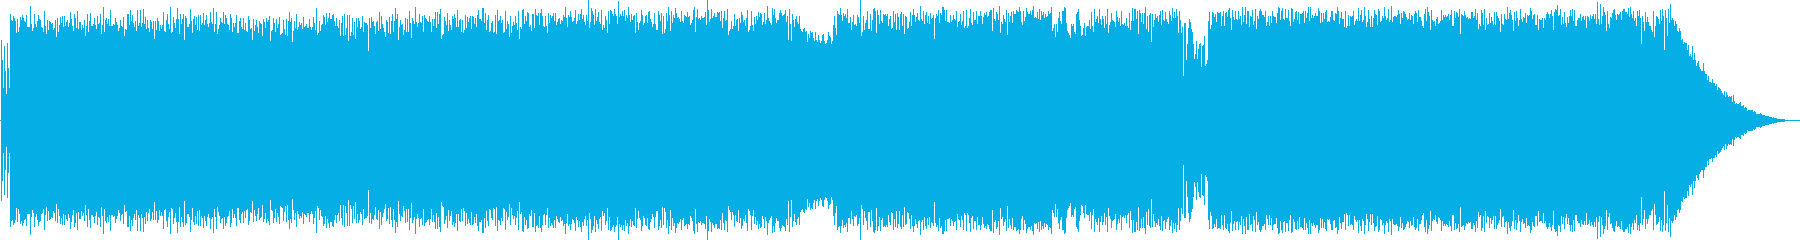 疾走感があり軽快なポップス曲の再生済みの波形